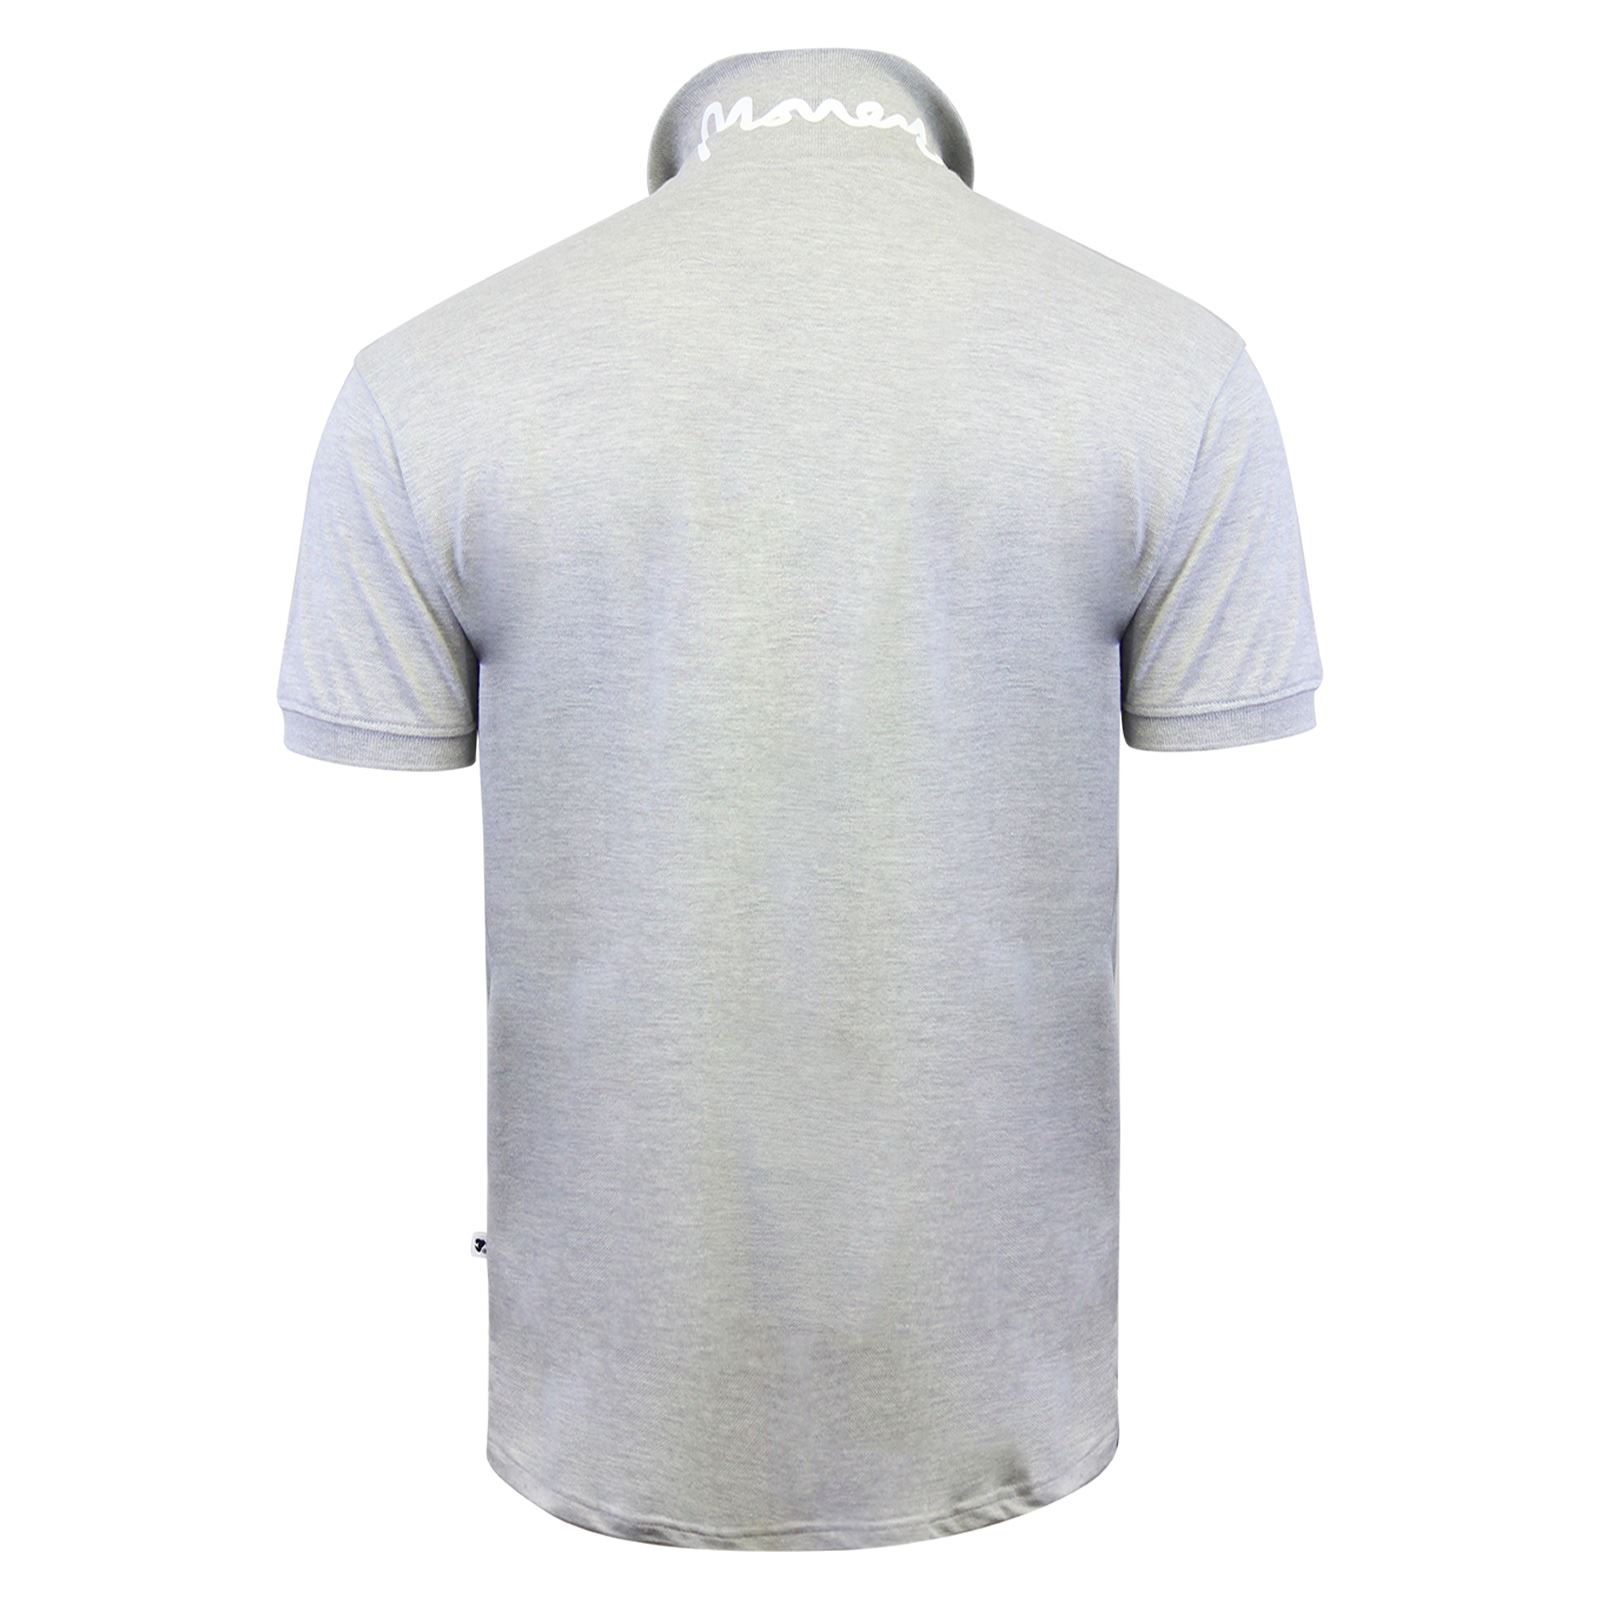 Argent-ante-Homme-Polo-Shirt-a-Manches-Courtes-en-Coton-Col-Haut-Decontracte miniature 7